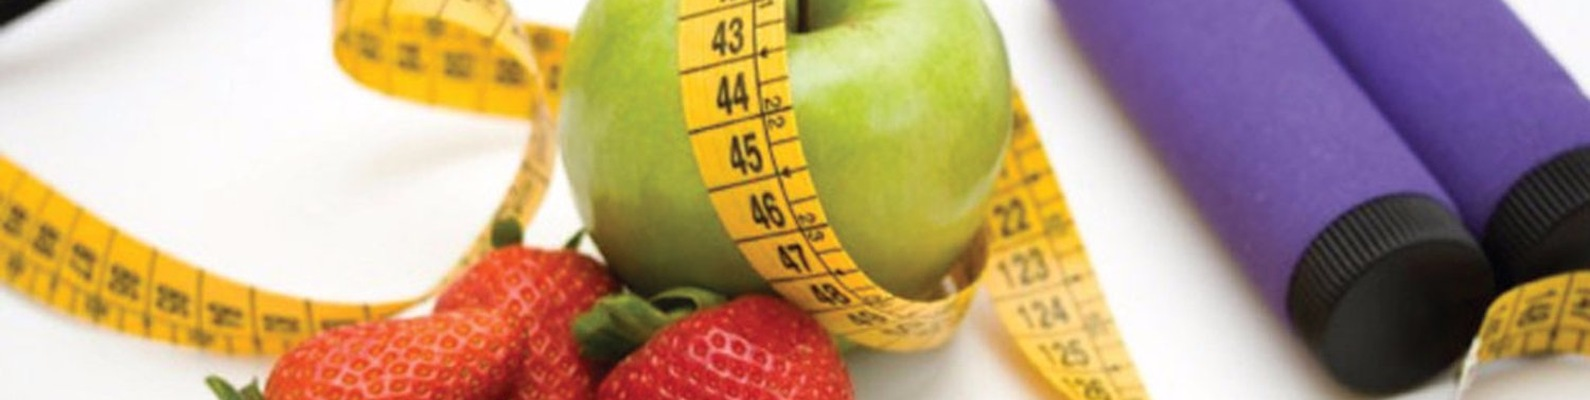 Проект По Похудению Картинки. Как заработать на похудении